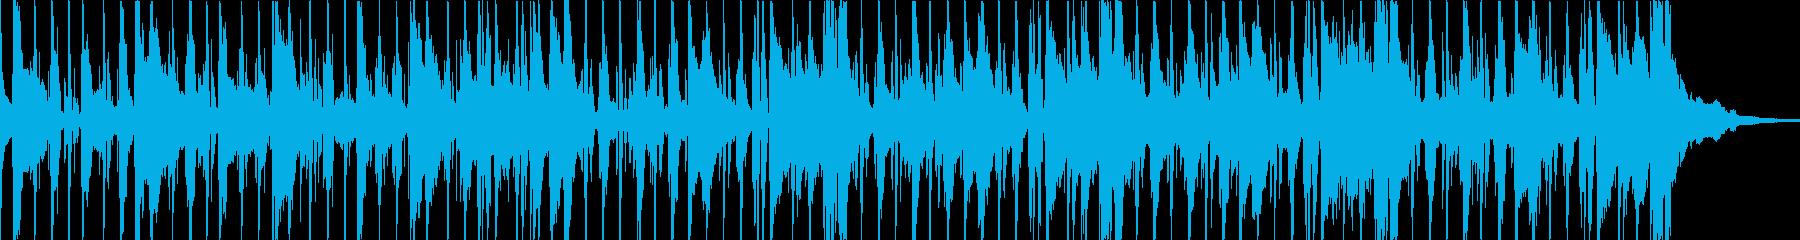 大人なジャズギターと管楽器のサウンドの再生済みの波形